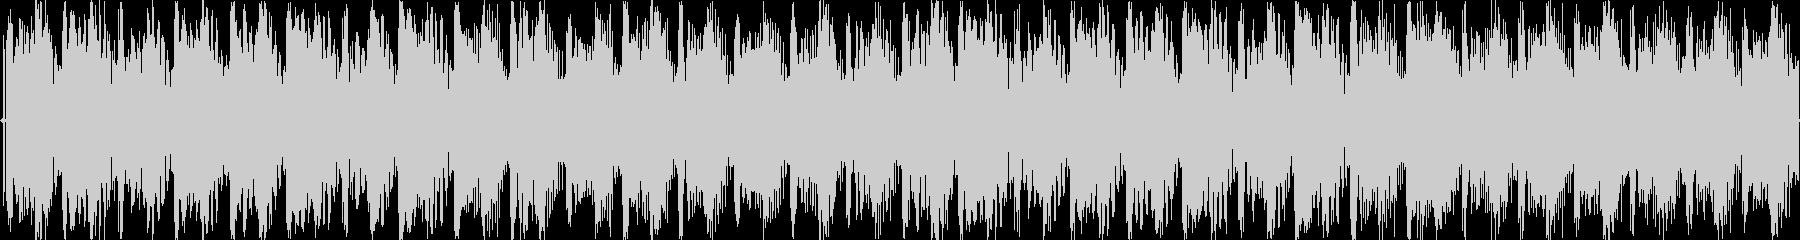 爽やかな4打ちジングル/ループokの未再生の波形